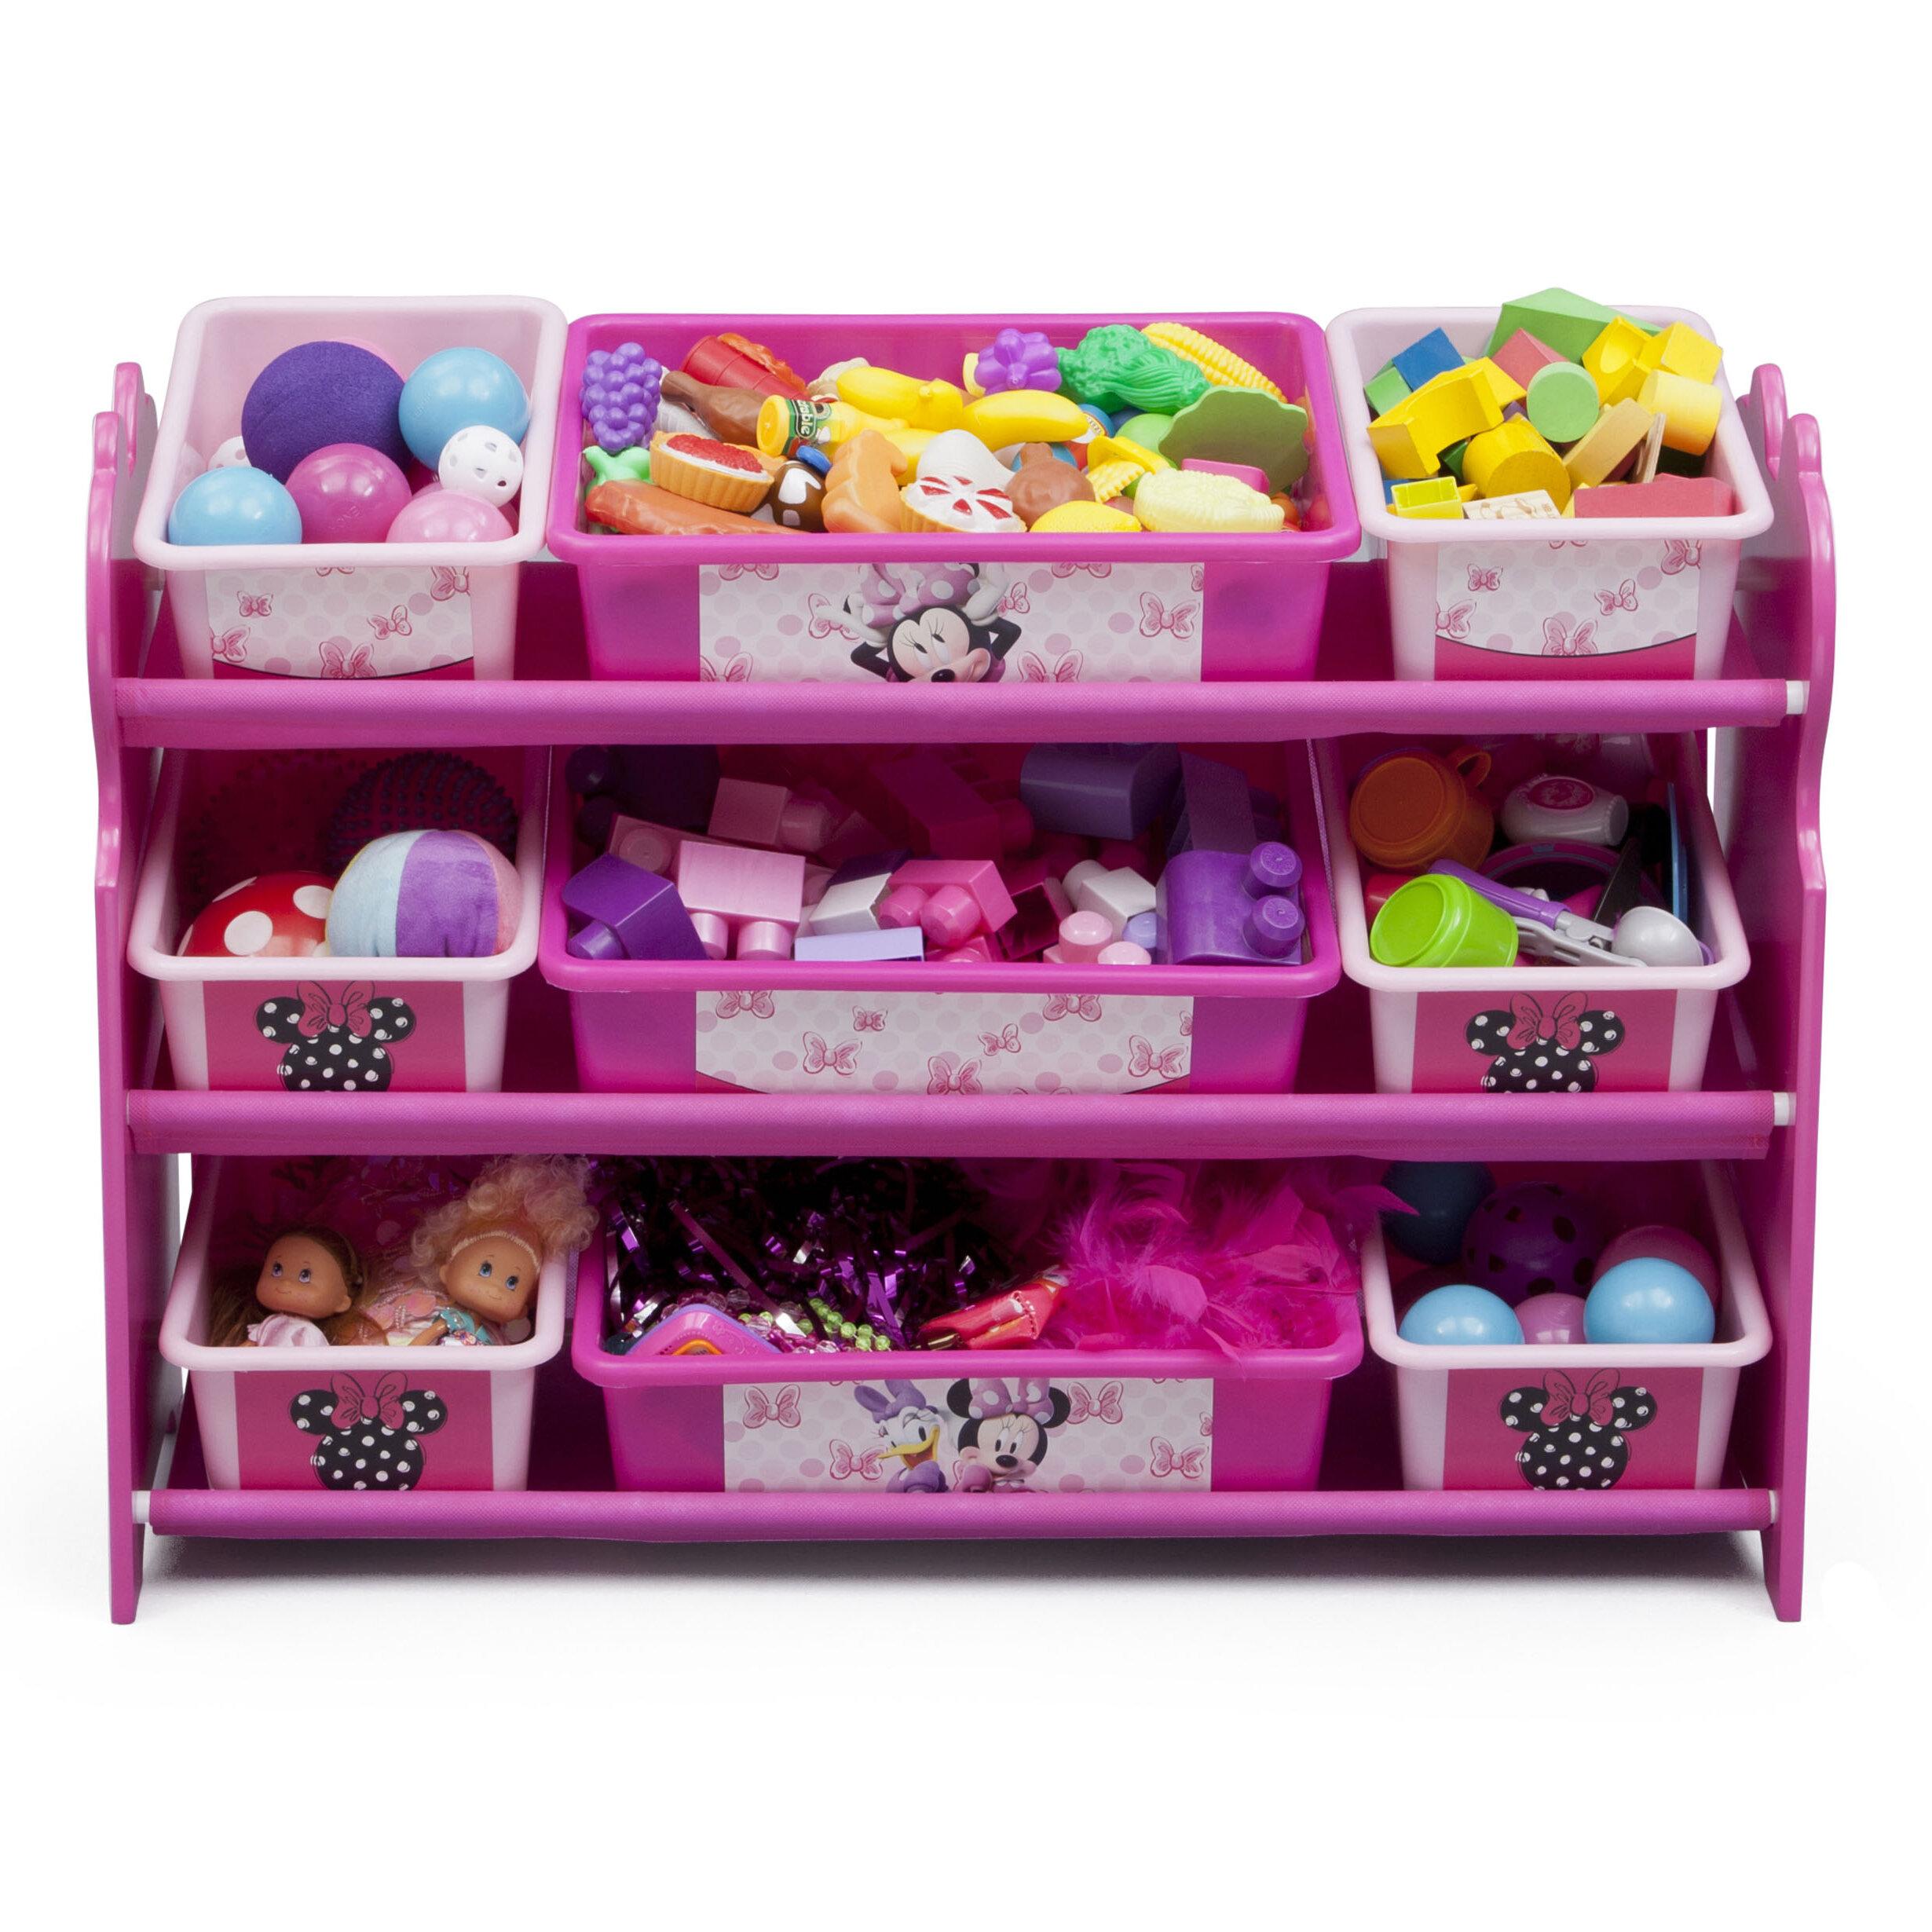 Delta Children Minnie Mouse 10 Piece Toy Organizer Set Reviews